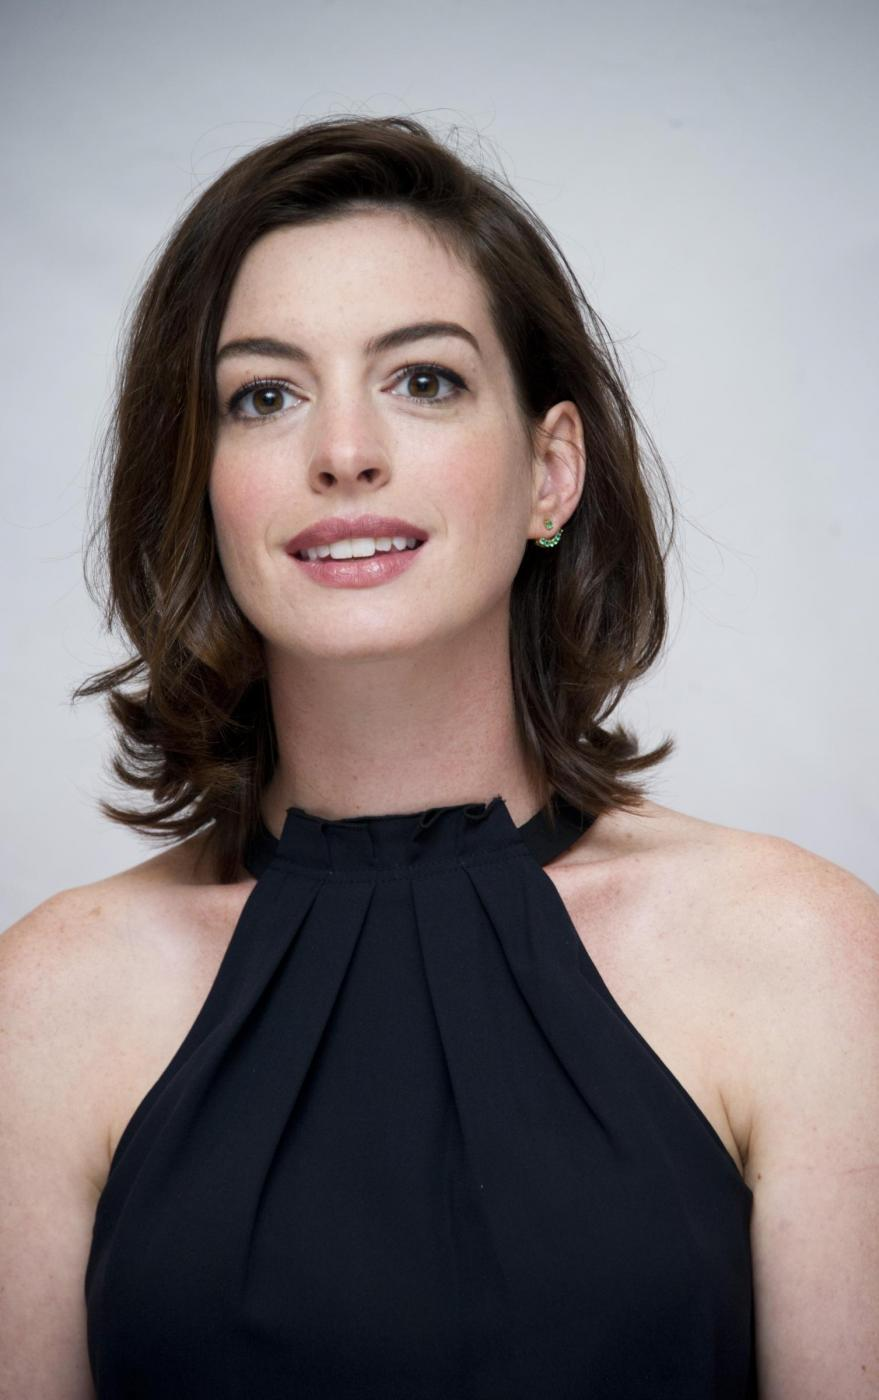 Anne Hathaway elegante per il photocall del film The intern FOTO 9